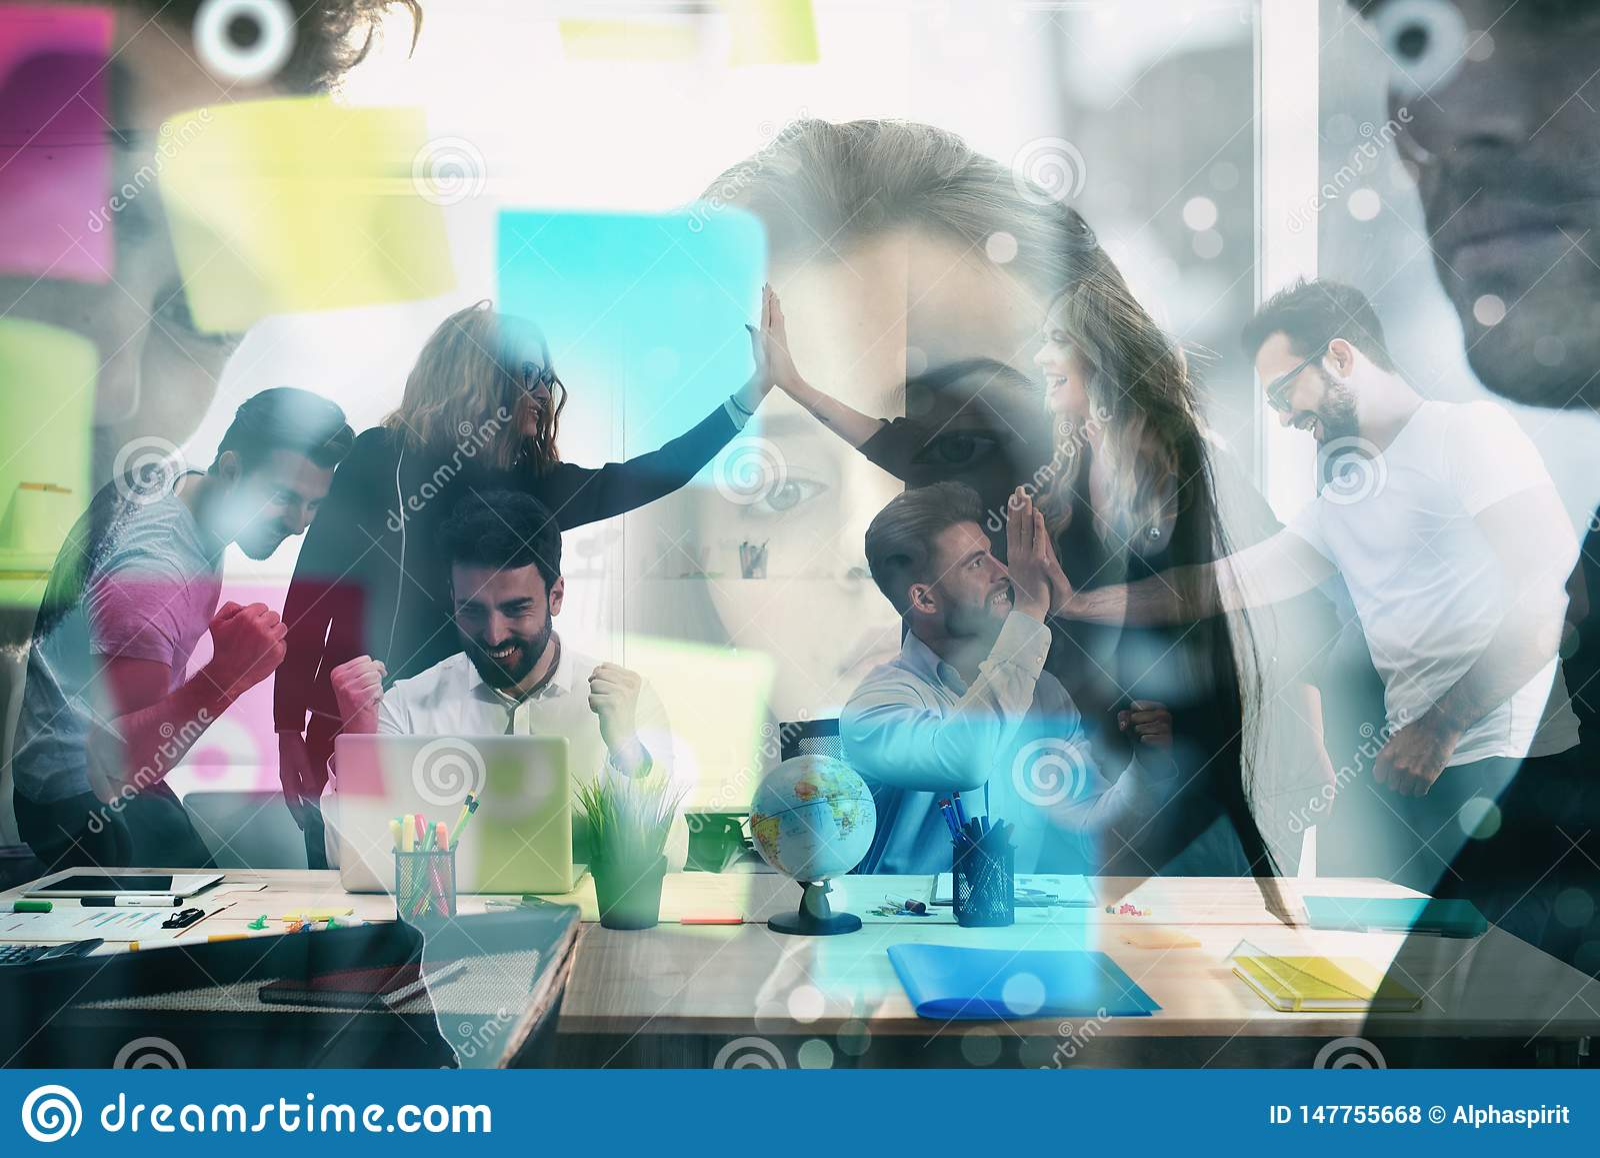 El grupo de trabajo de hombres de negocios exulta para alcanzar la meta concepto de sociedad del trabajo en equipo y del negocio